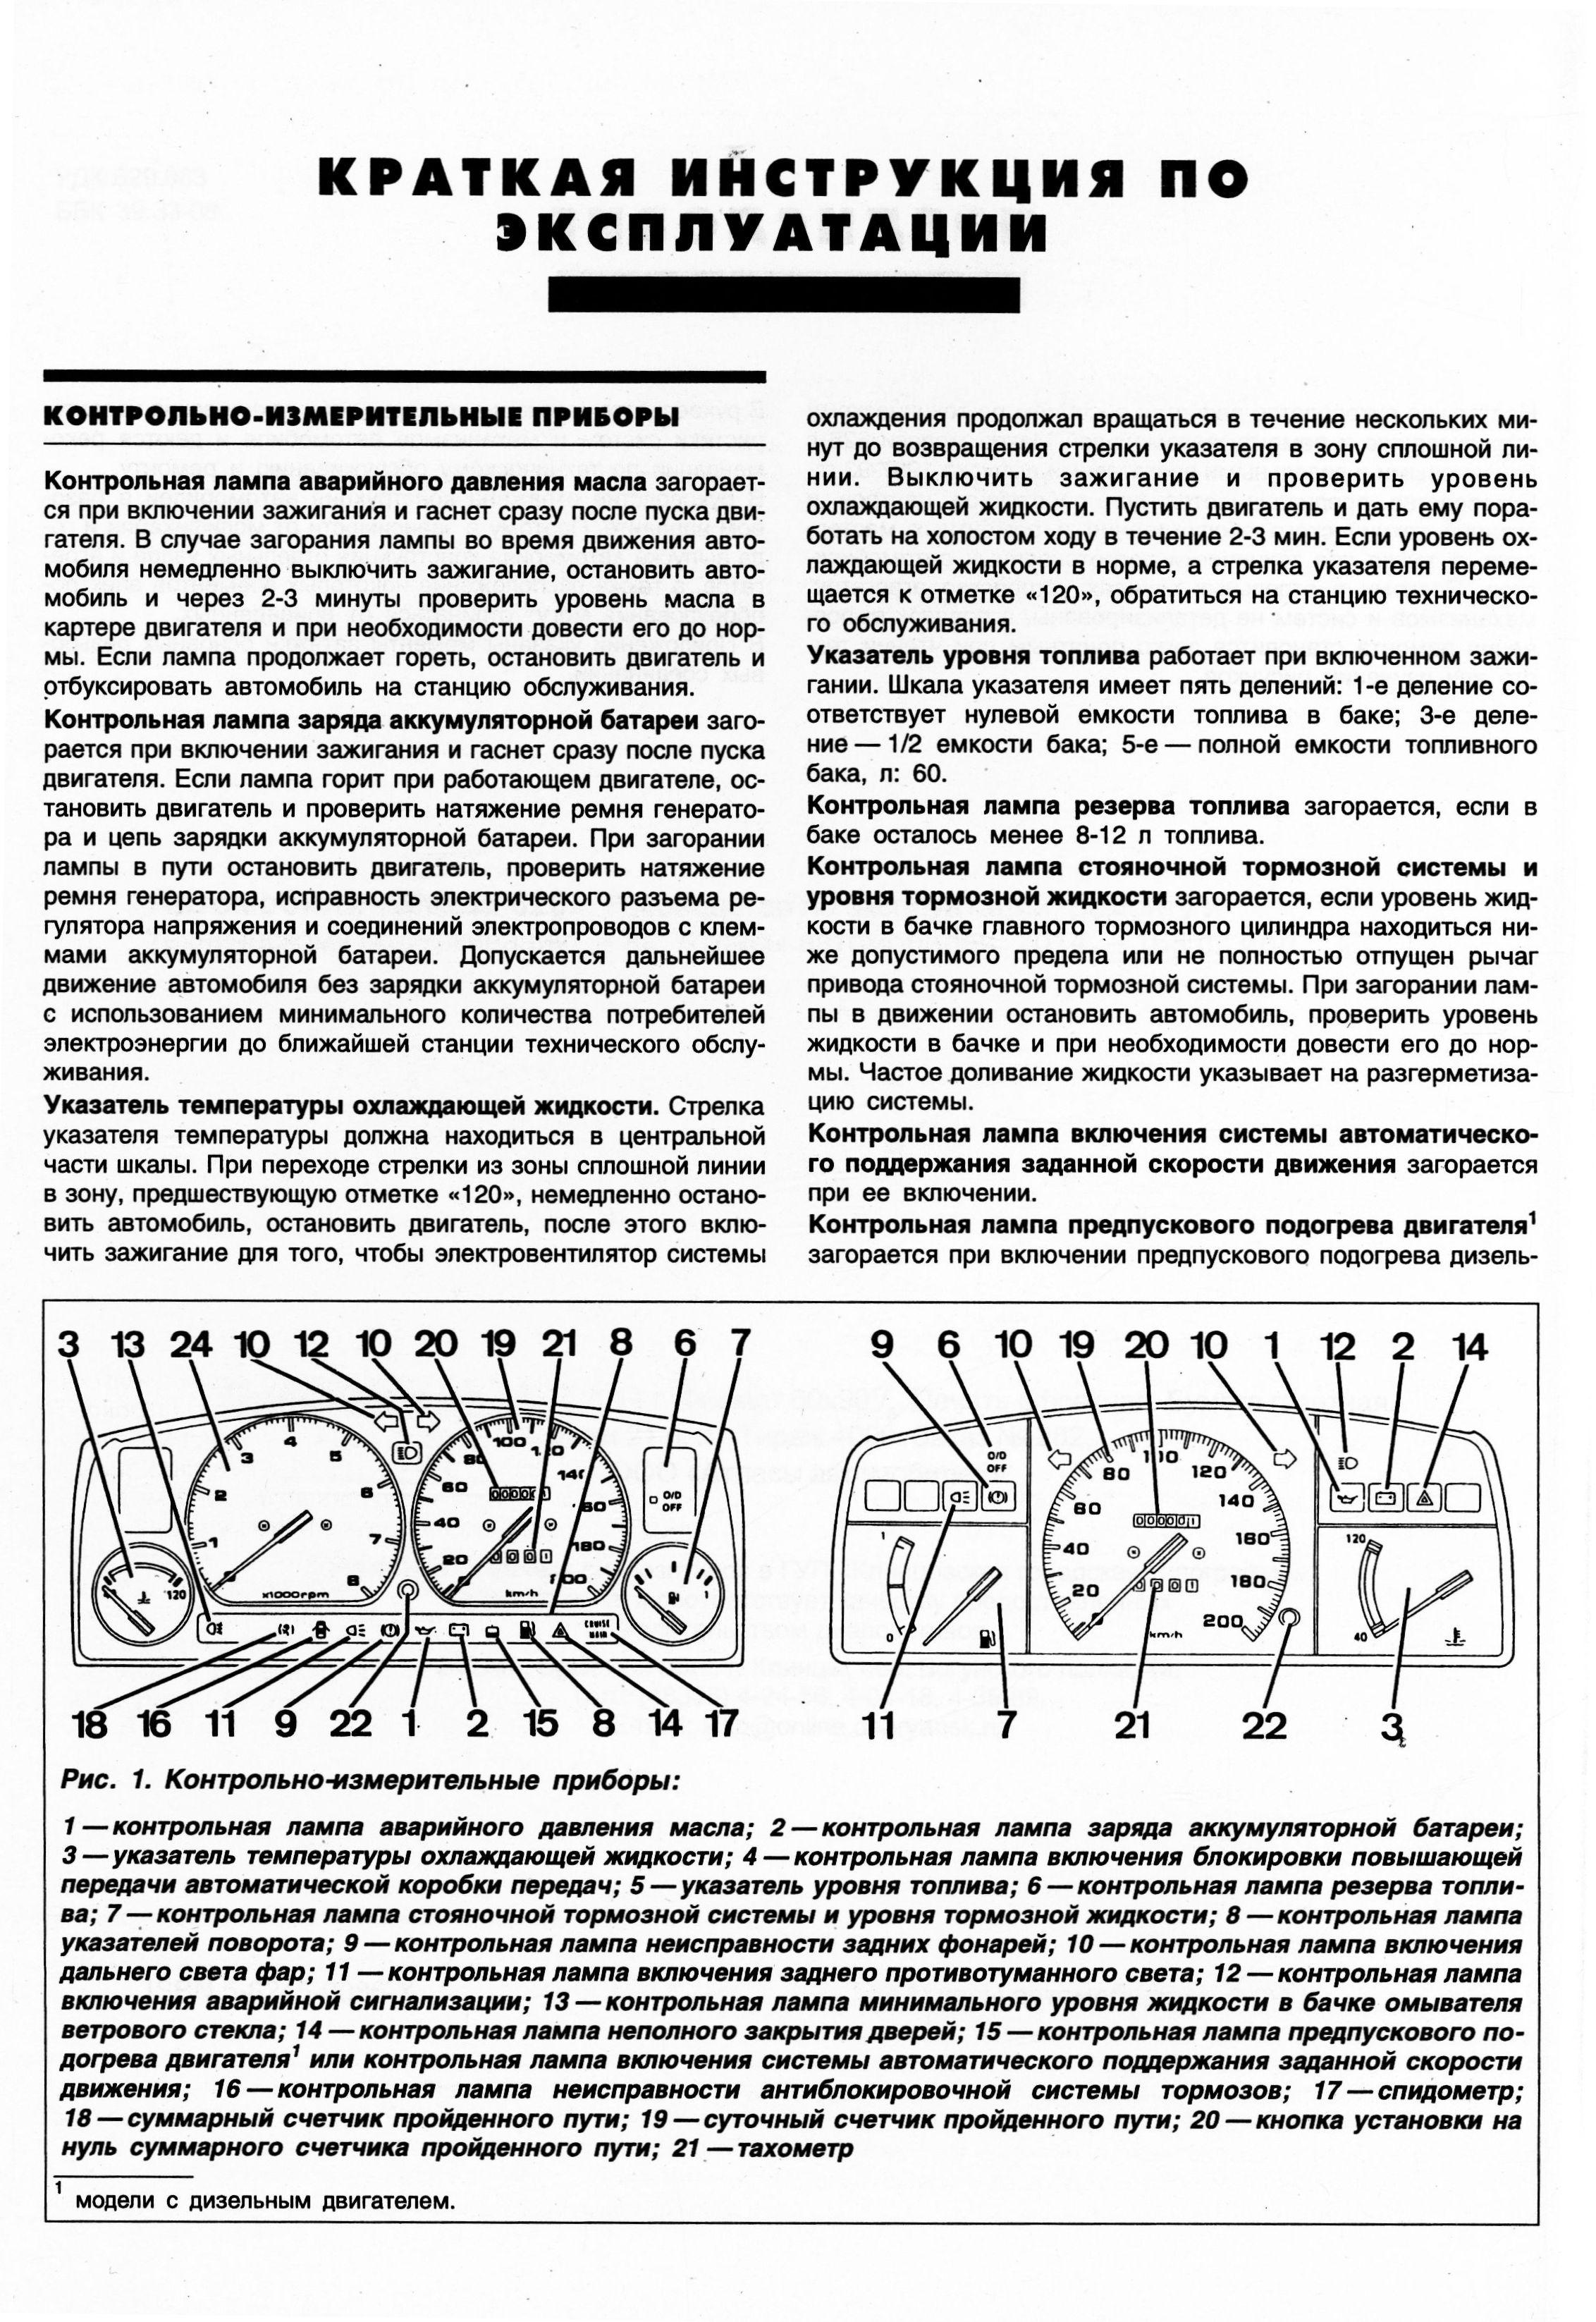 инструкцию по ремонту мазда примаси